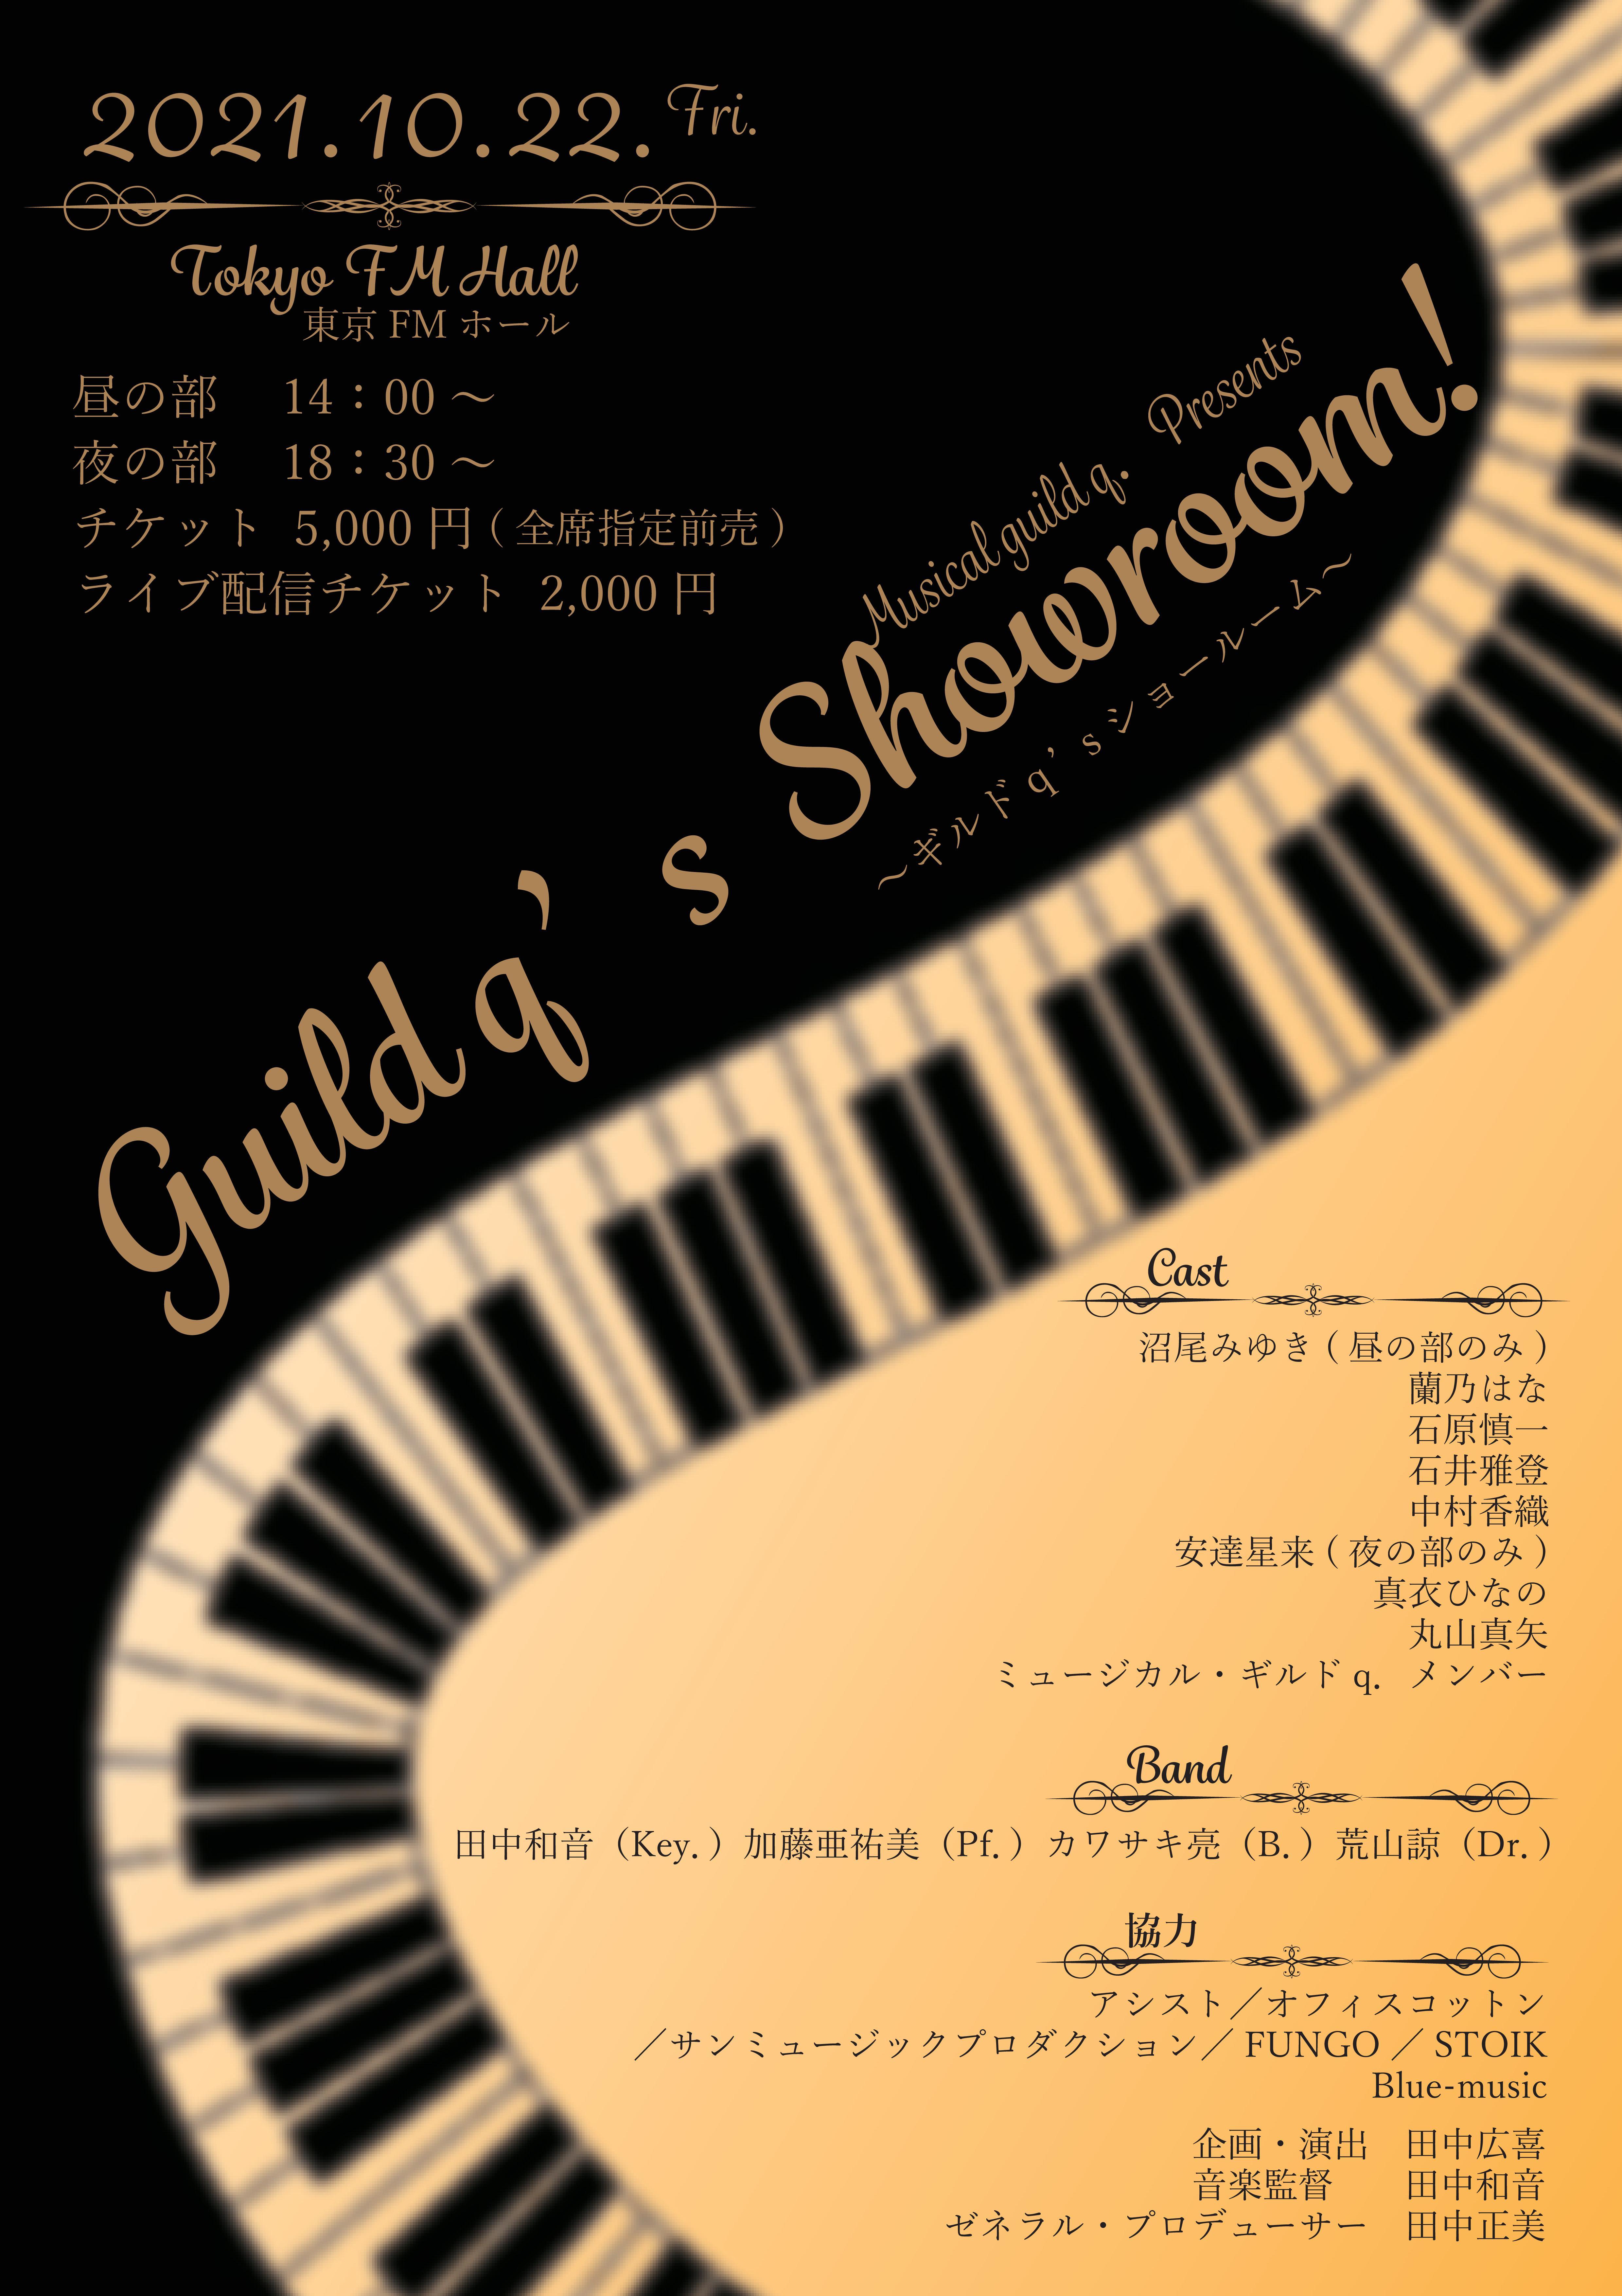 ミュージカル・ギルド q.presents『Guildq's Showroom! 』